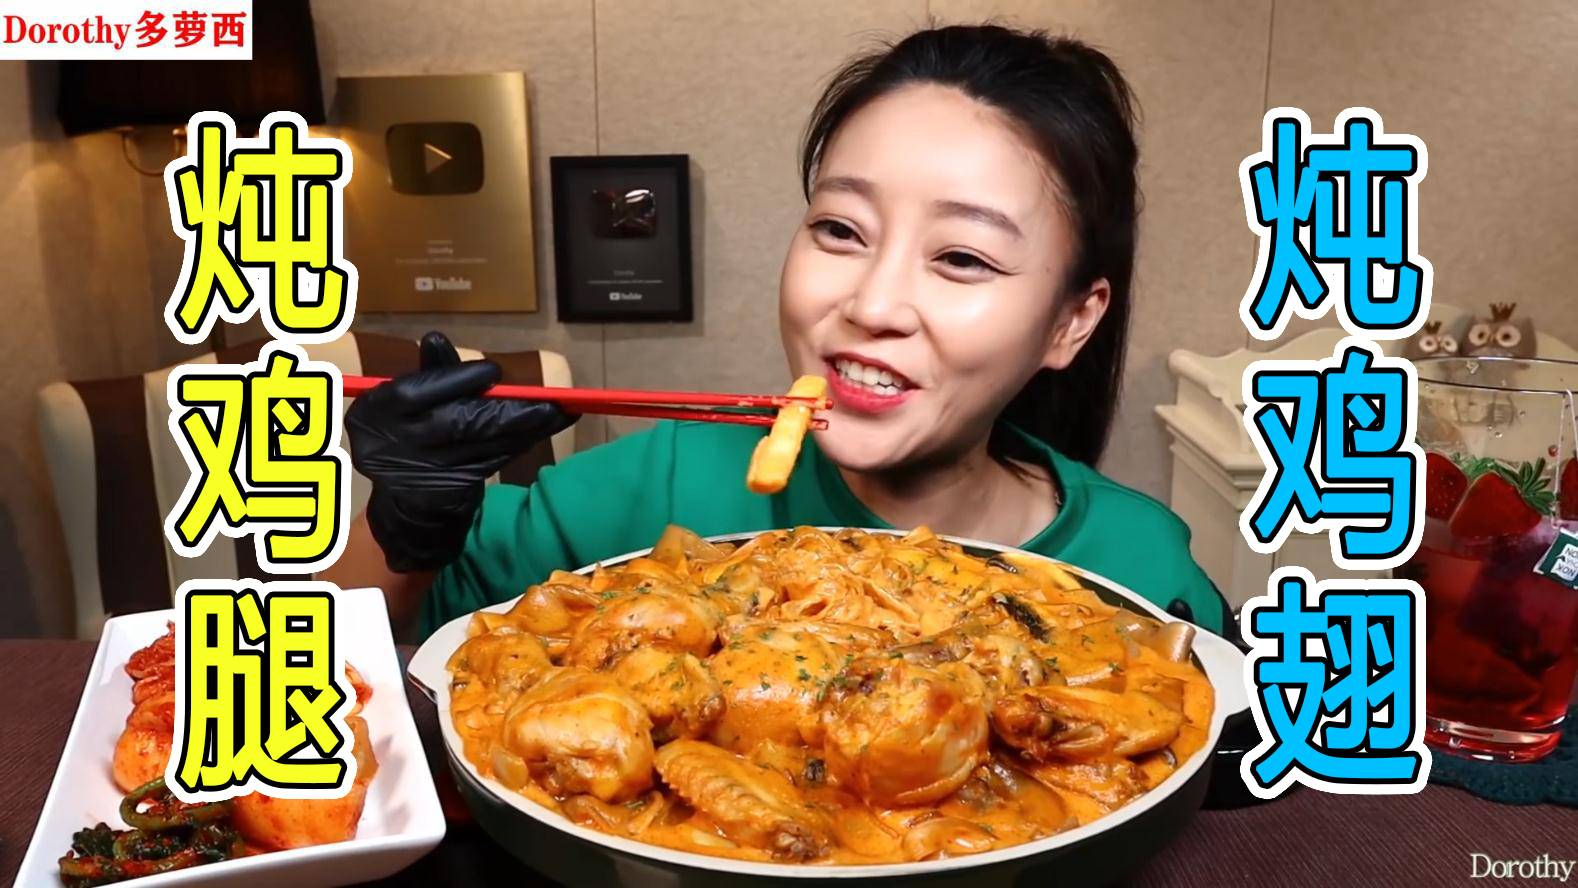 亲手制作乱炖鸡腿+鸡翅料理,配上年糕和宽粉,吃到盘子都空了!